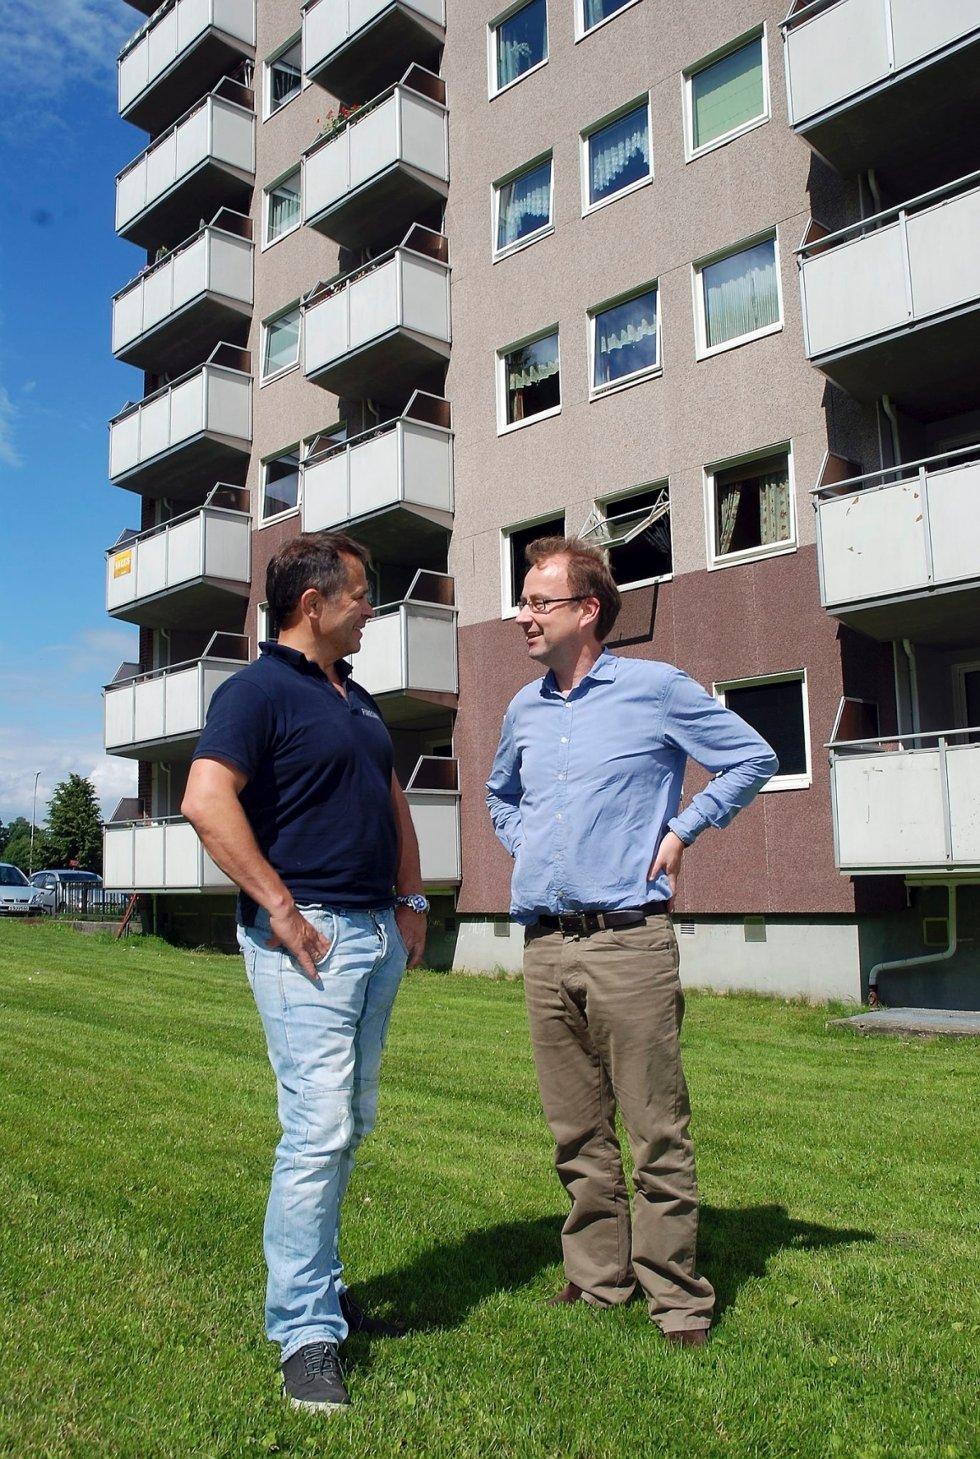 Espen Sandtrøen (t.v.) og Morten Ameln i brannsikringsselskapet Firesafe advarer mot brannfarlige balkonger. I verste fall kan de kollapse og dermed gjøre en brannsituasjon enda farligere enn den er i utgangspunktet.